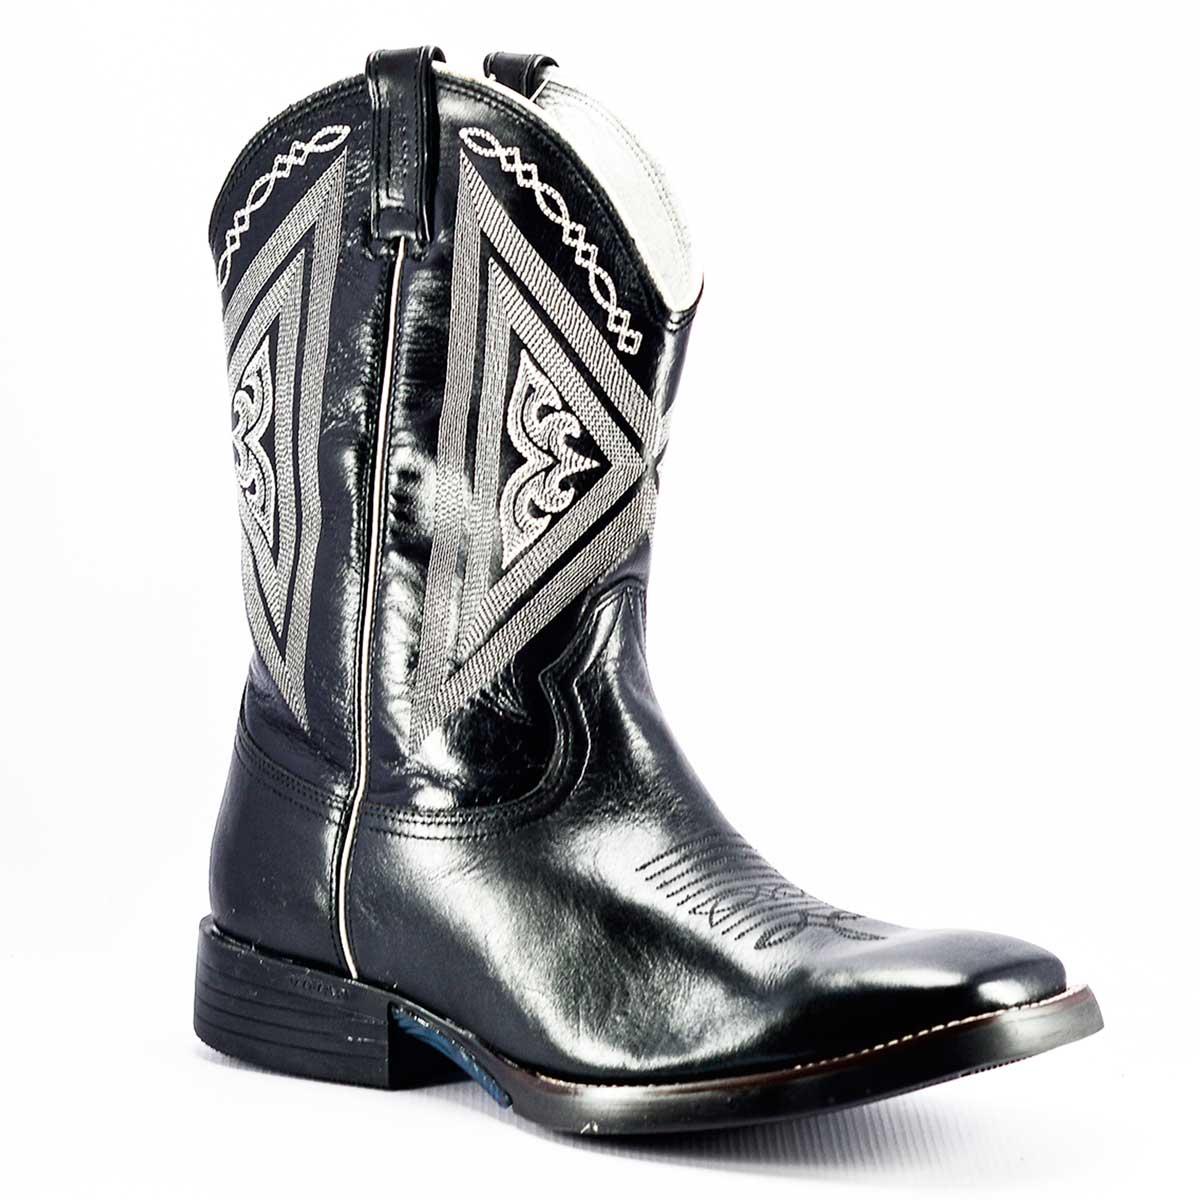 Bota West Country Preta Texana Bico Quadrado - 5129 - Cowboy BR b1c56dcc240